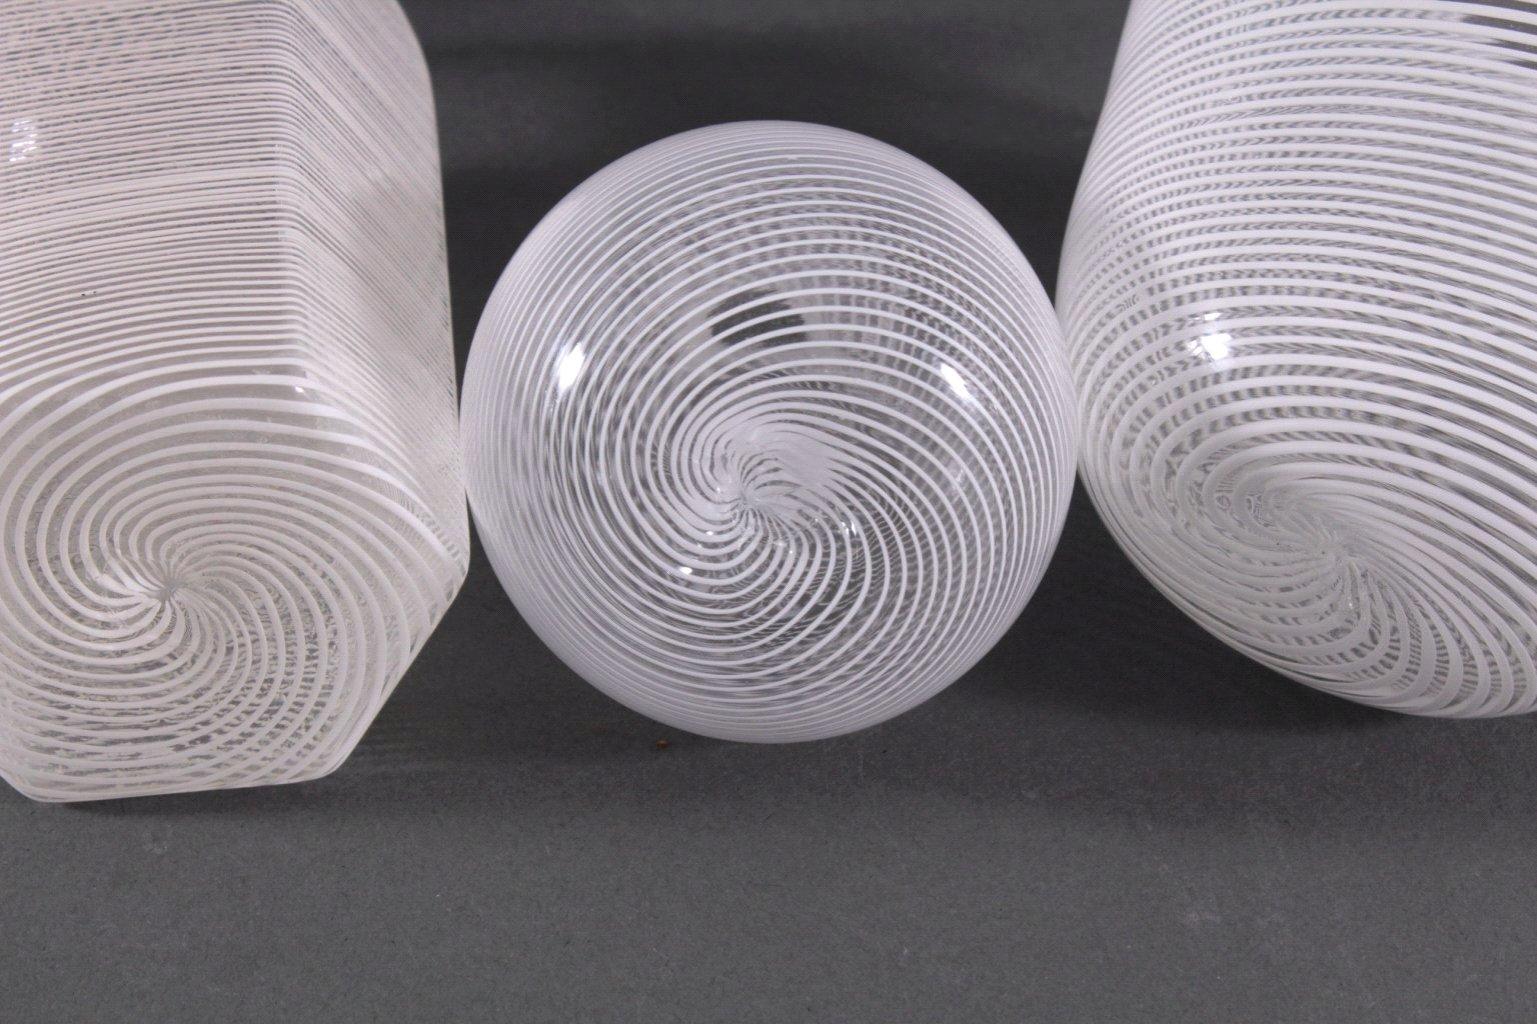 Drei Glas-Objekte, Italien-2